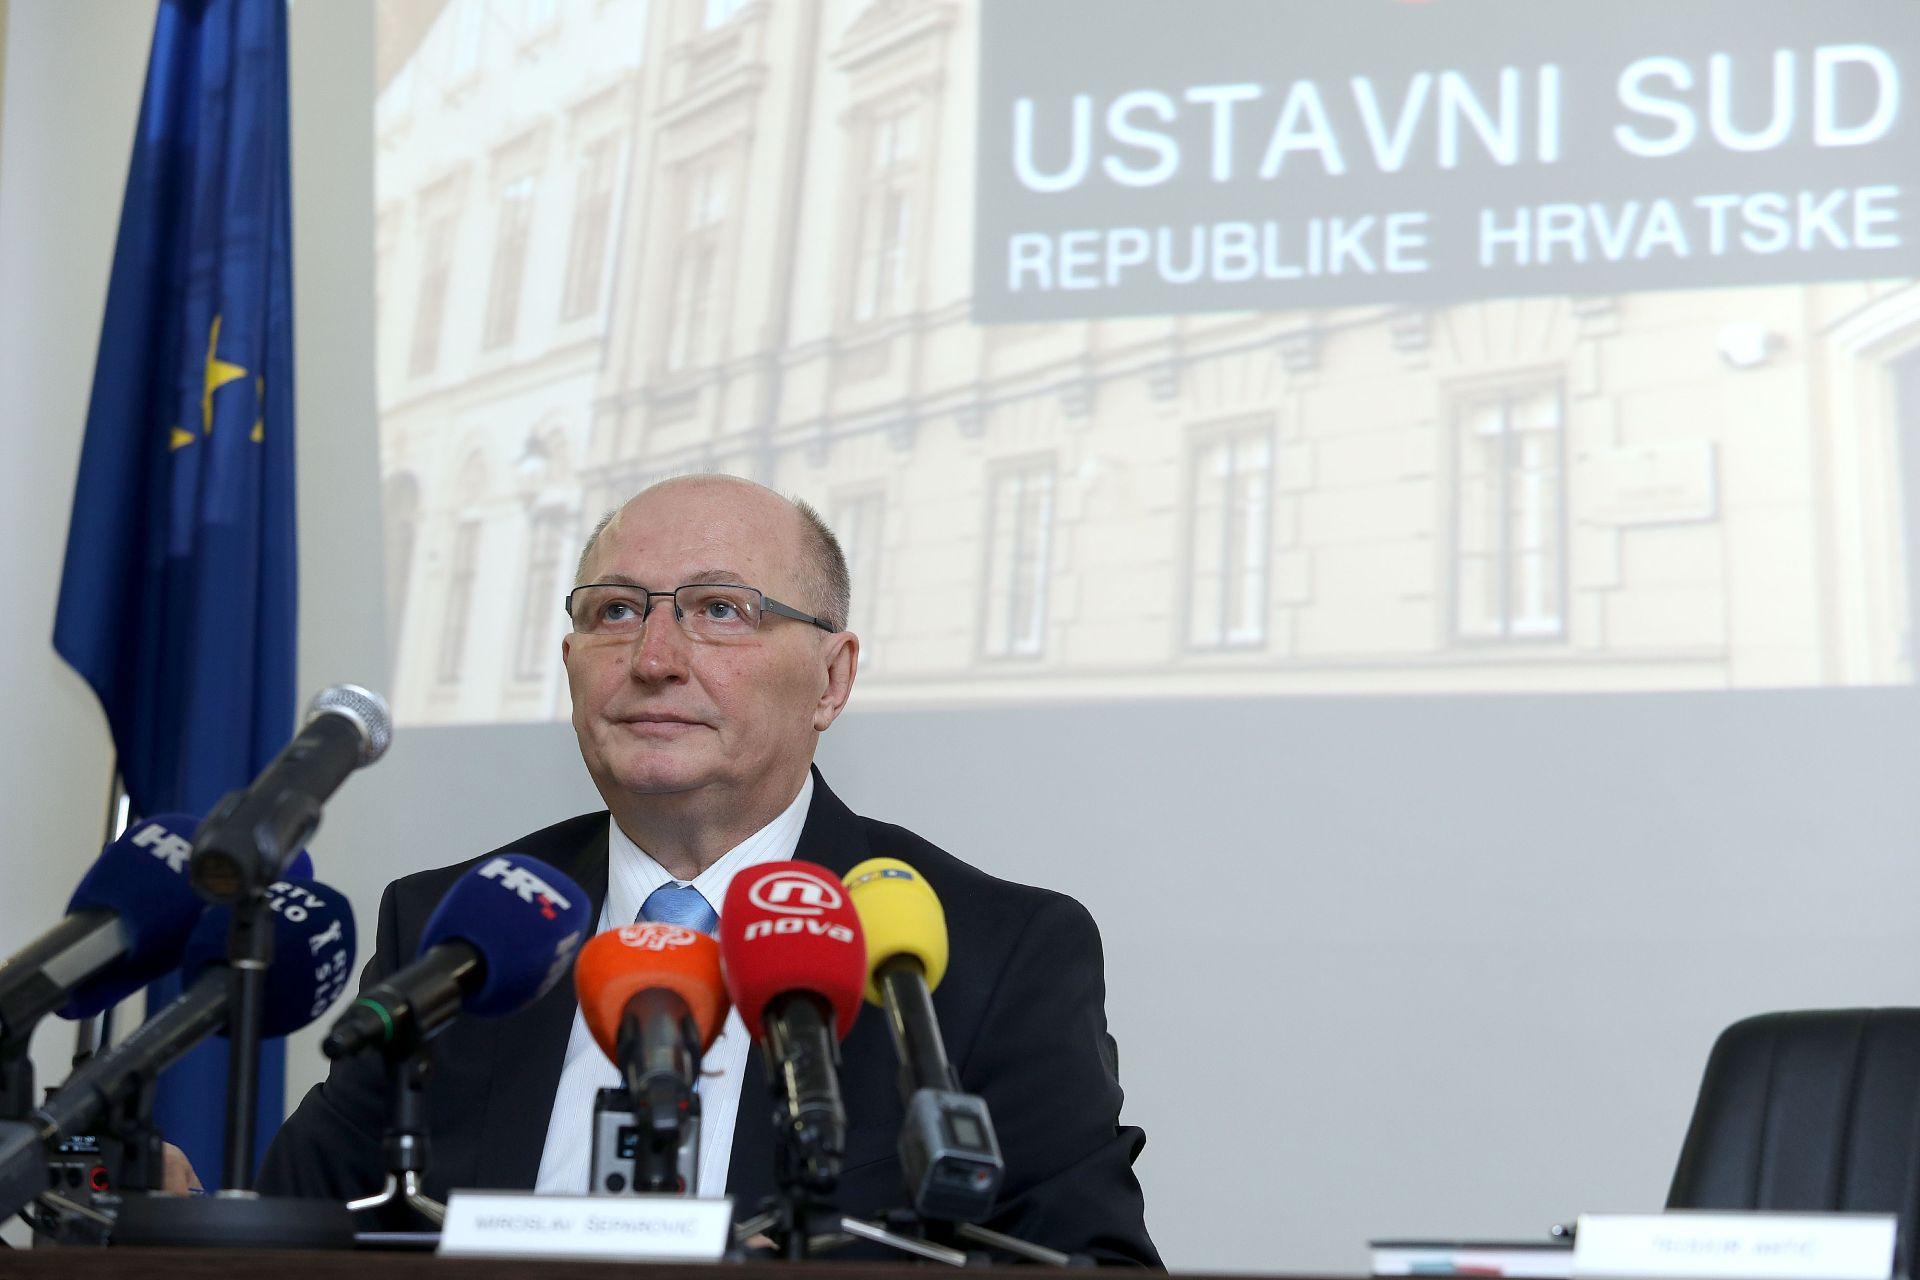 """ŠEPAROVIĆ """"Ustavni sud donijet će odluku bez pritisaka, u skladu s Ustavom"""""""